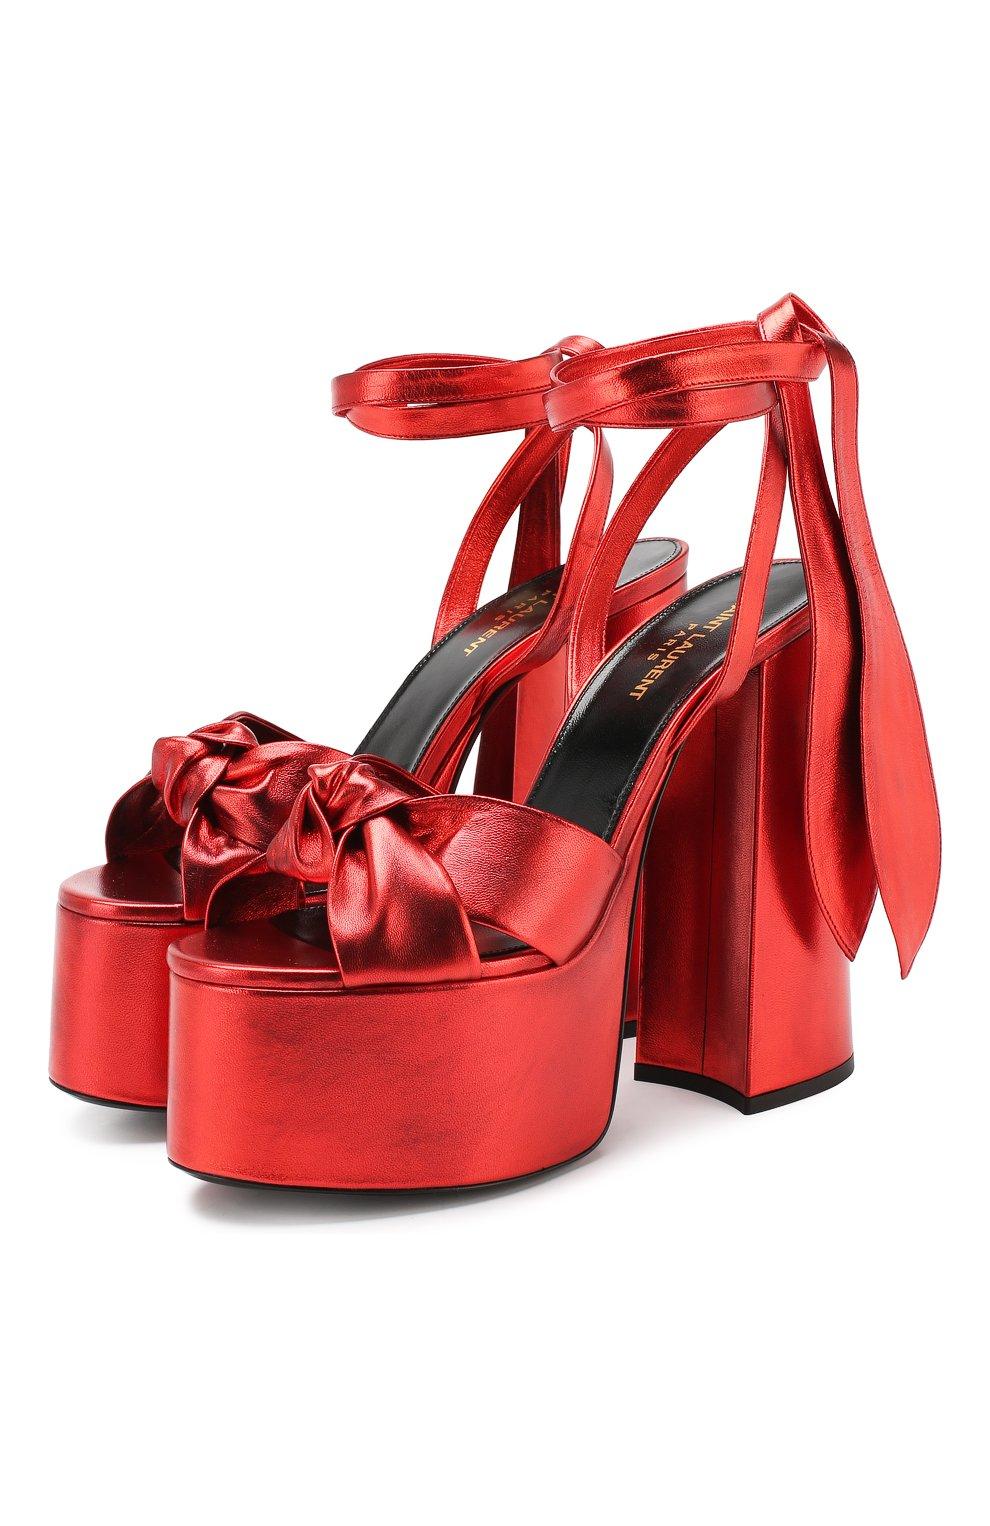 Кожаные босоножки Paige Saint Laurent красные | Фото №1